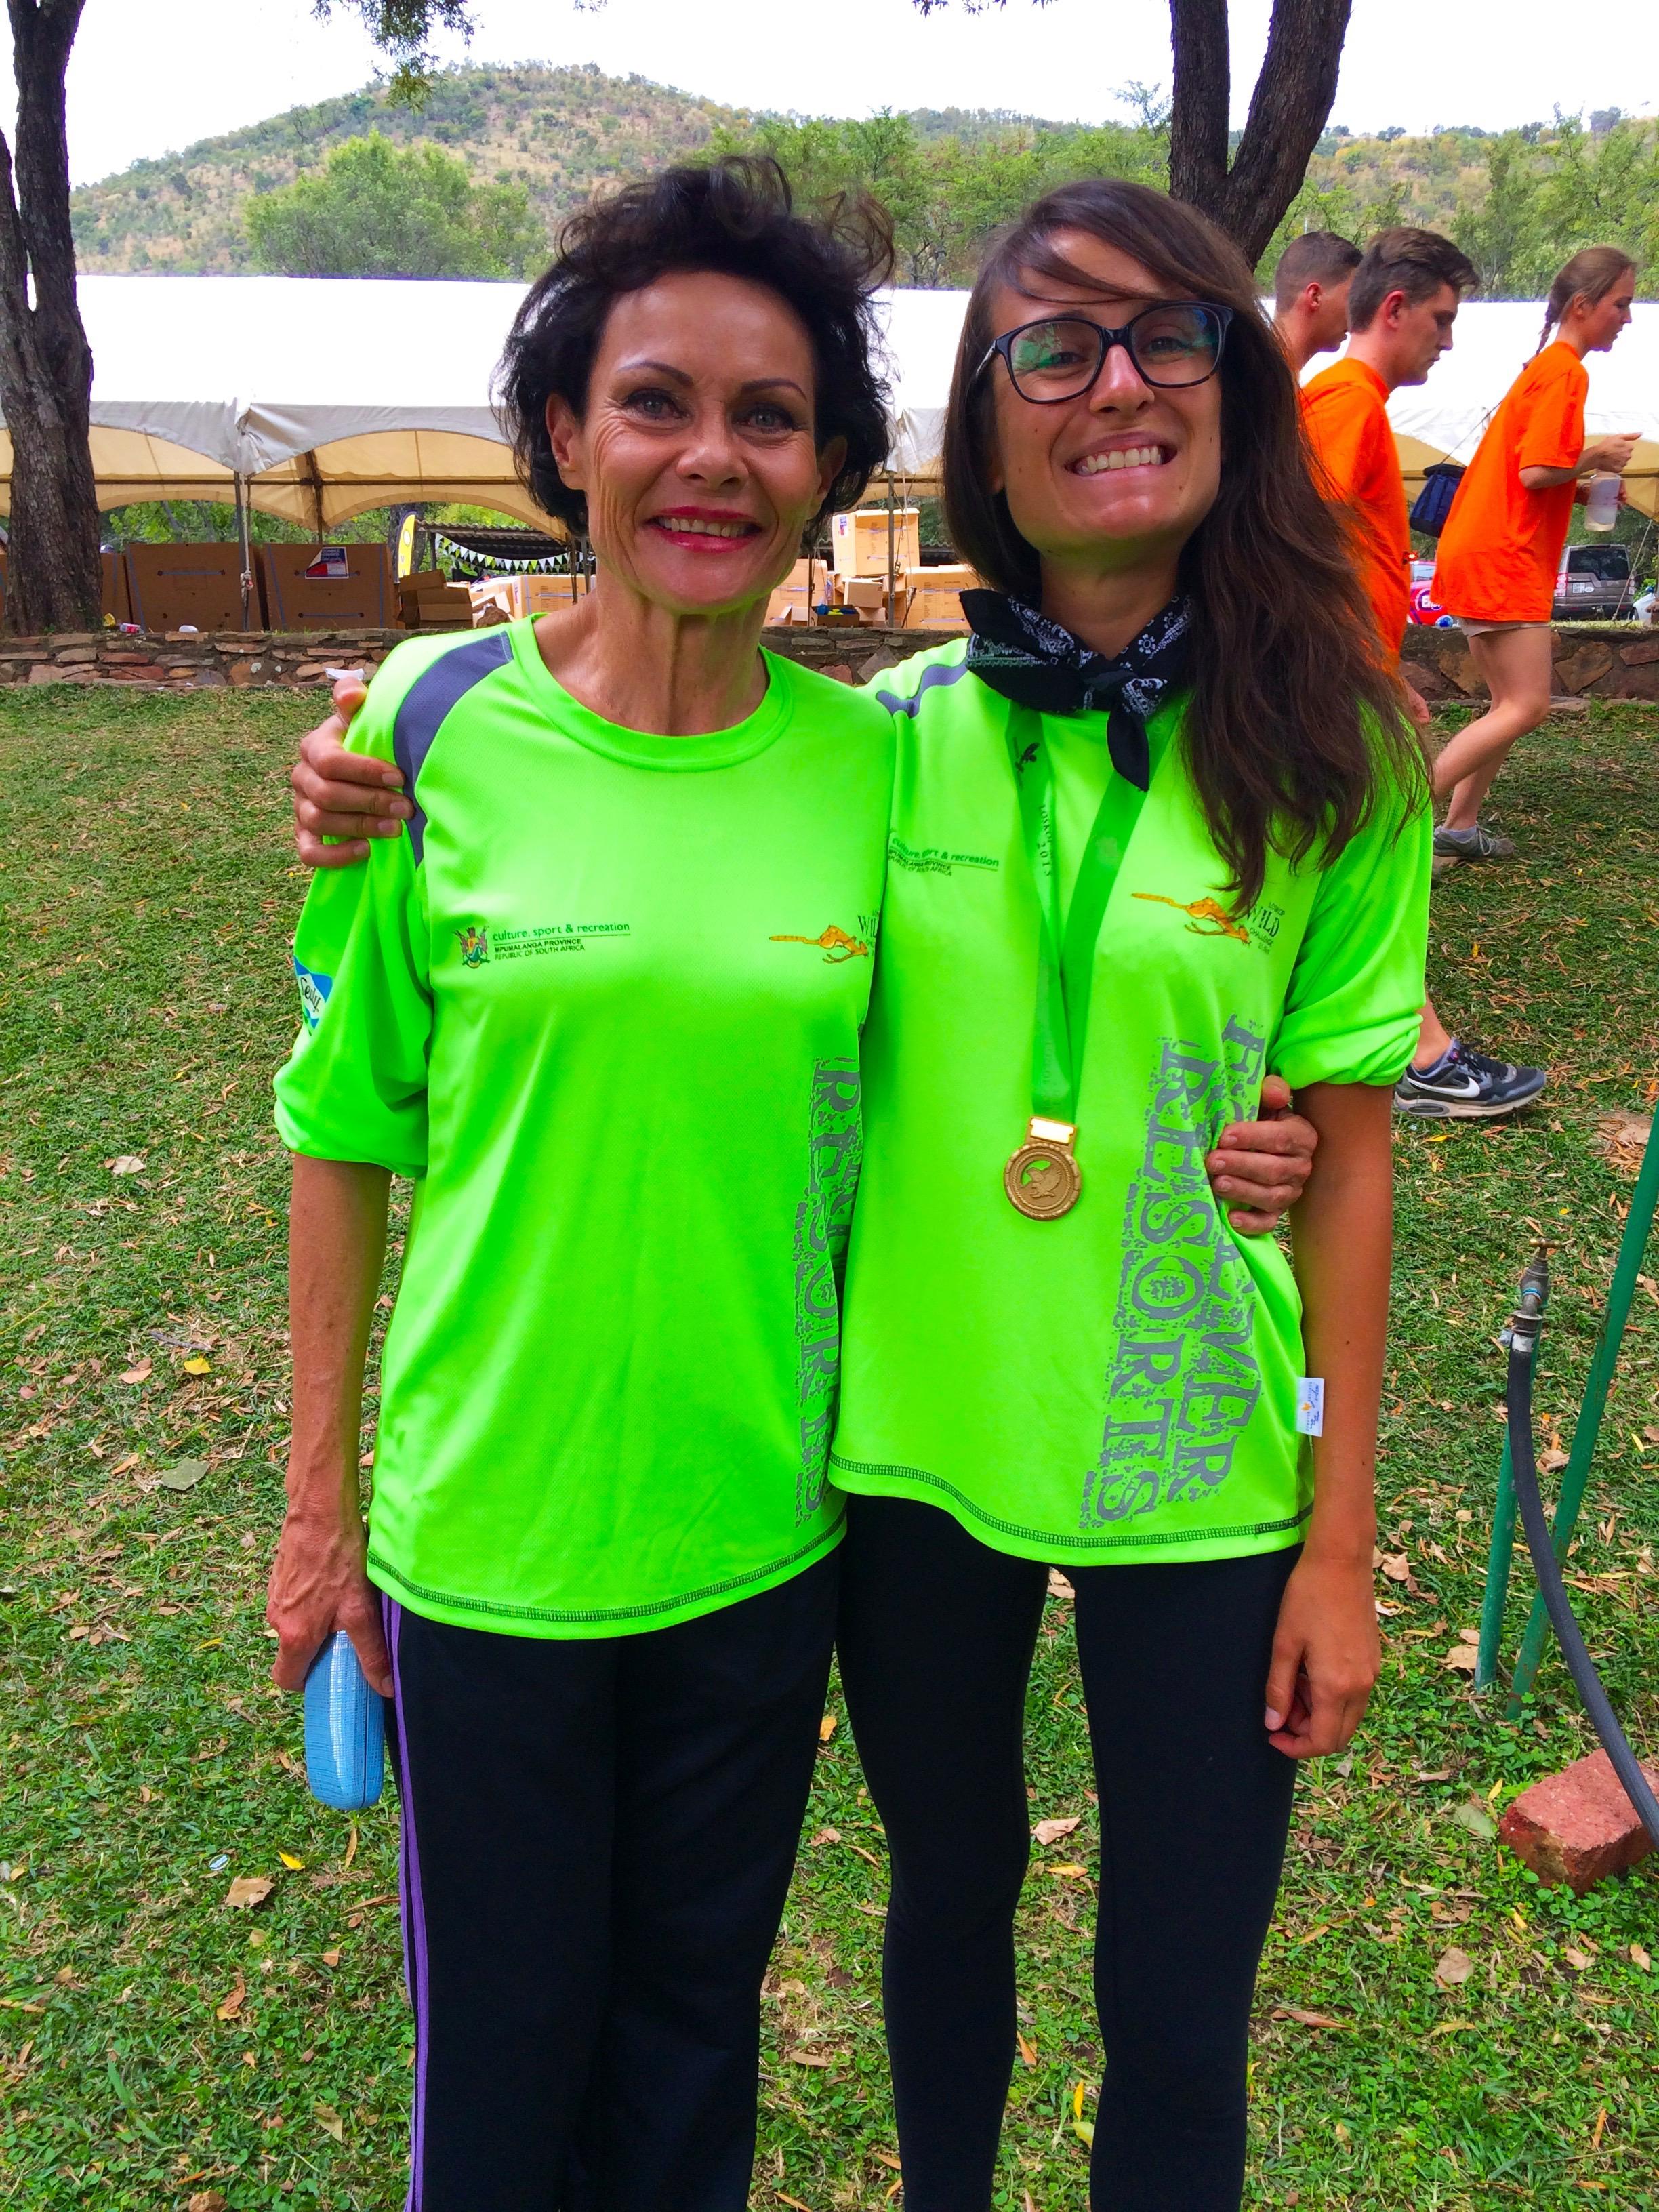 Frances, 60 ans et gagnante du semi marathon dans sa catégorie